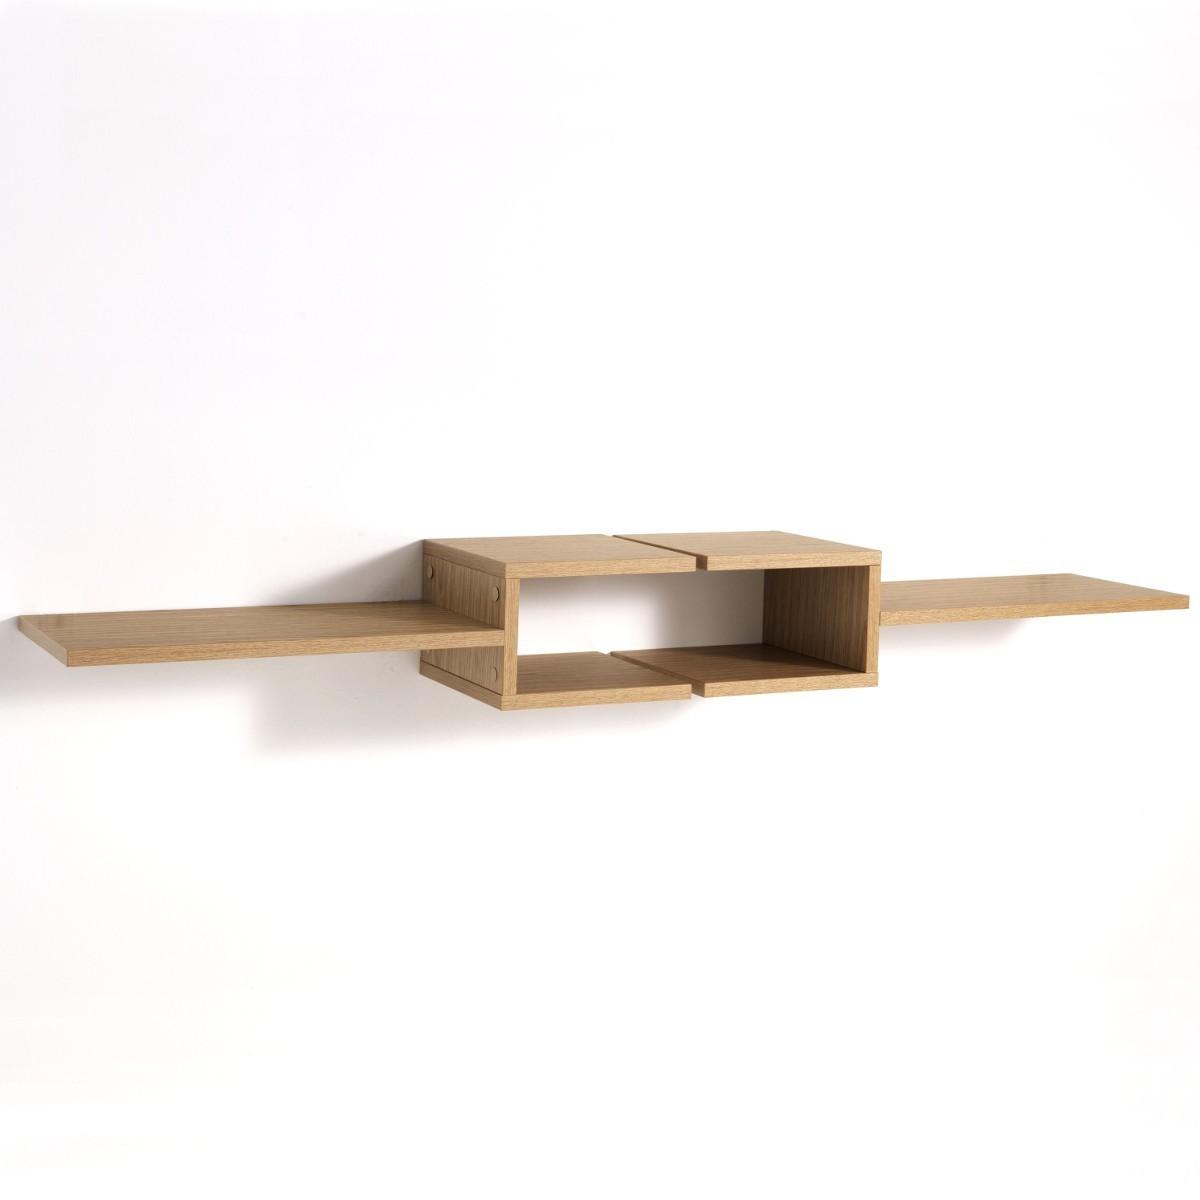 mensole design : Coppia mensole design DiapasonL in legno rovere 75 cm